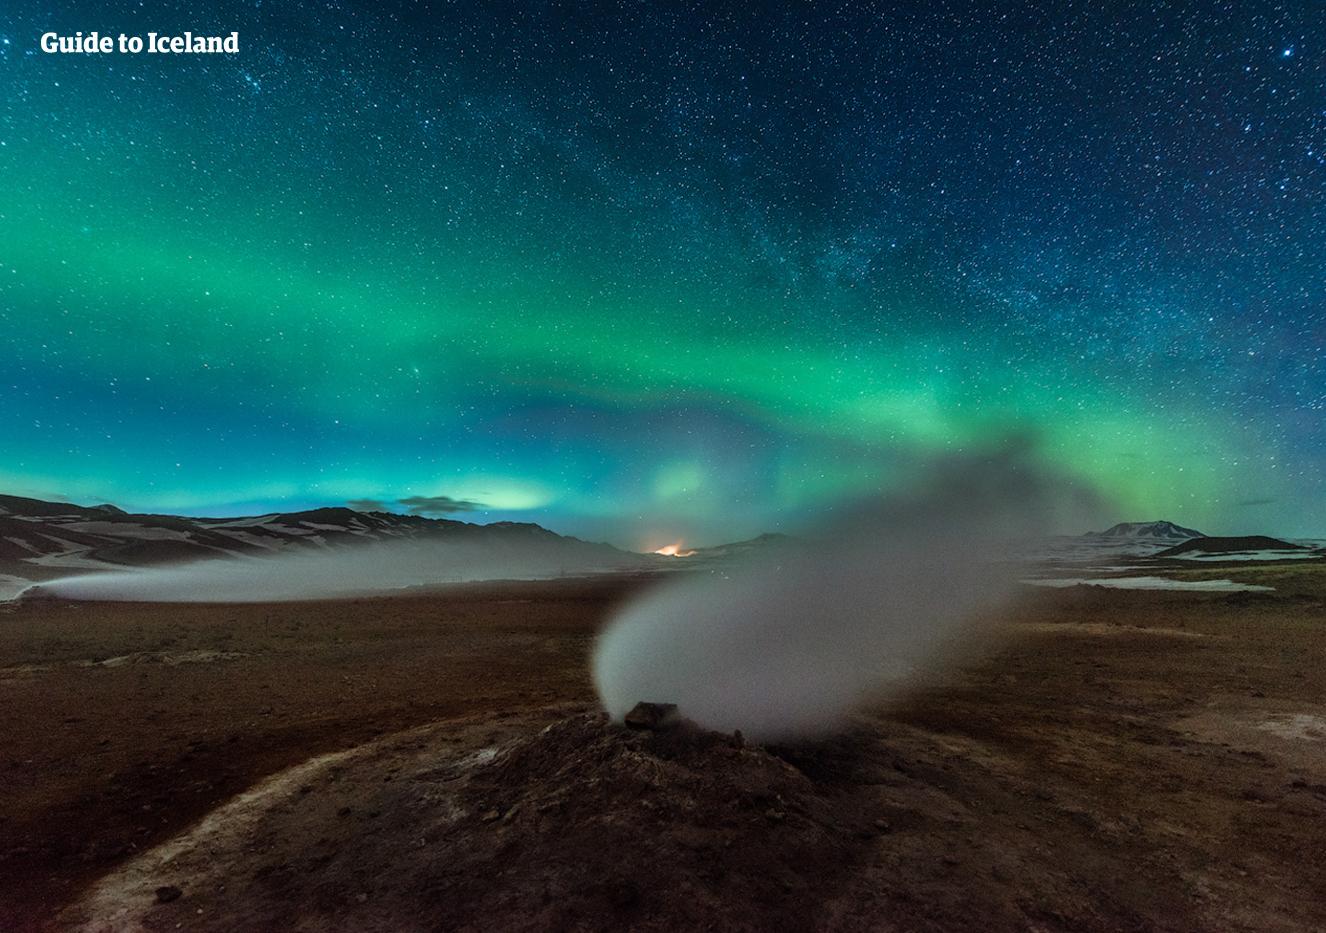 北部的米湖地热区地貌清奇,如果再配上北极光,可以给人星际穿越般的体验